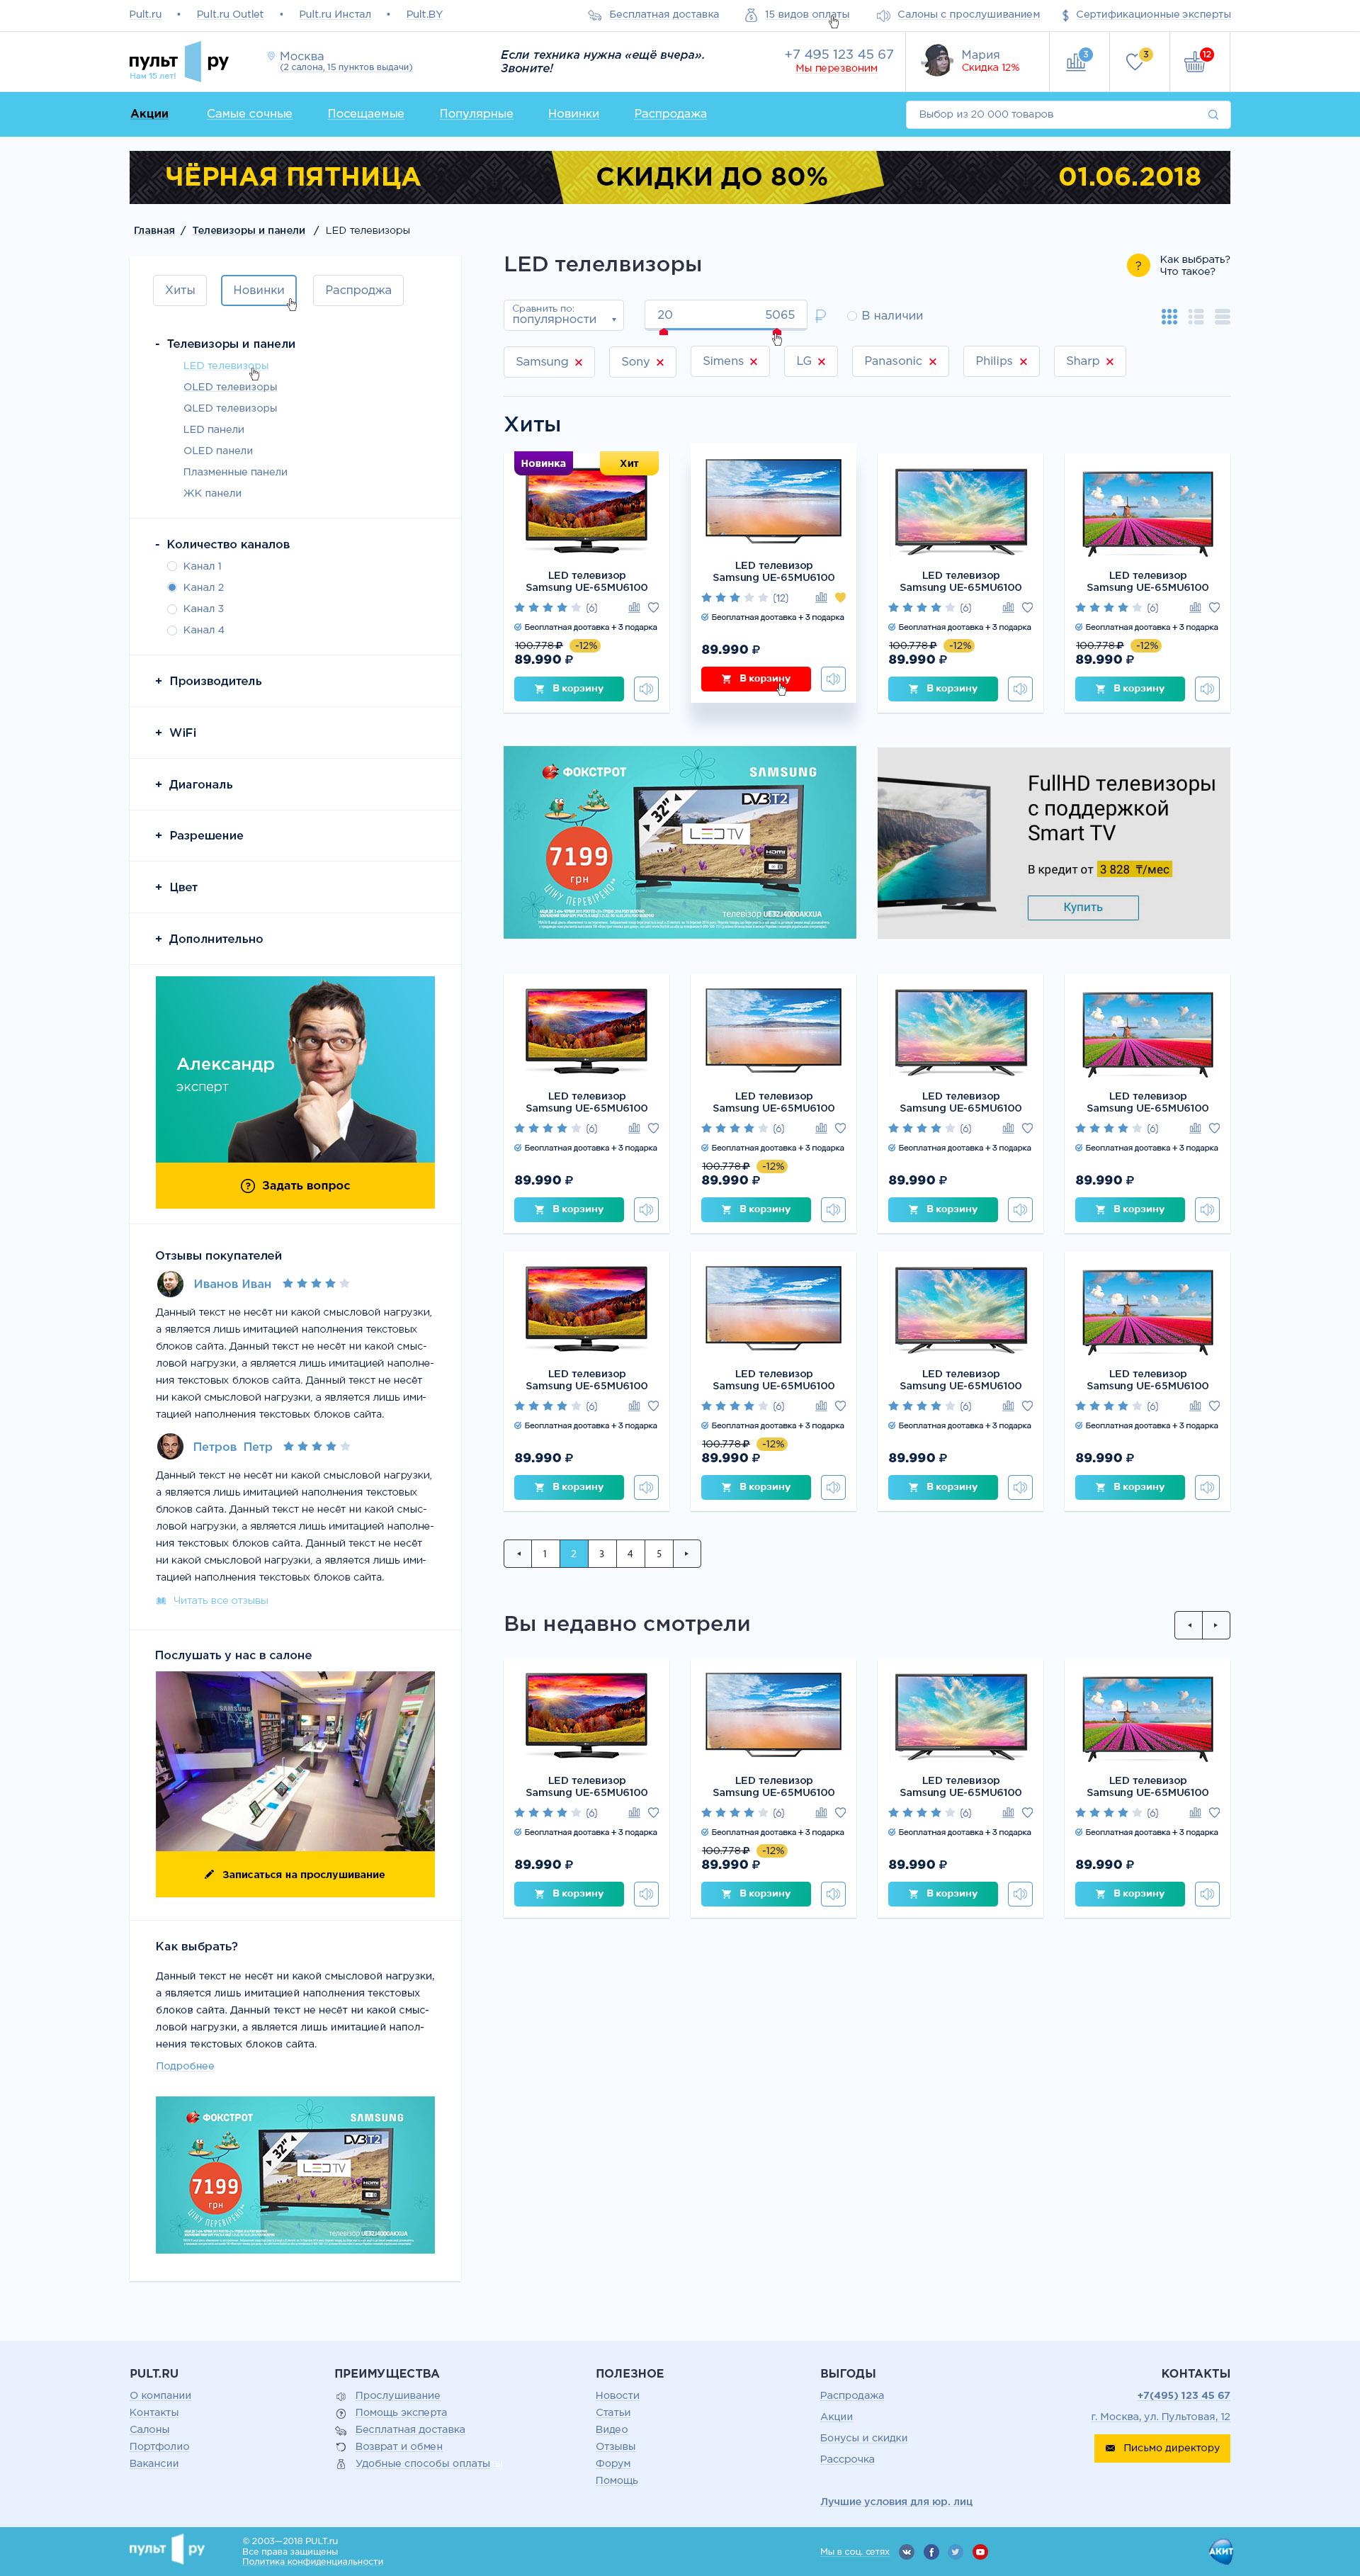 Дизайн 2ух страниц сайта PULT.ru фото f_9485b105e84c98b9.jpg